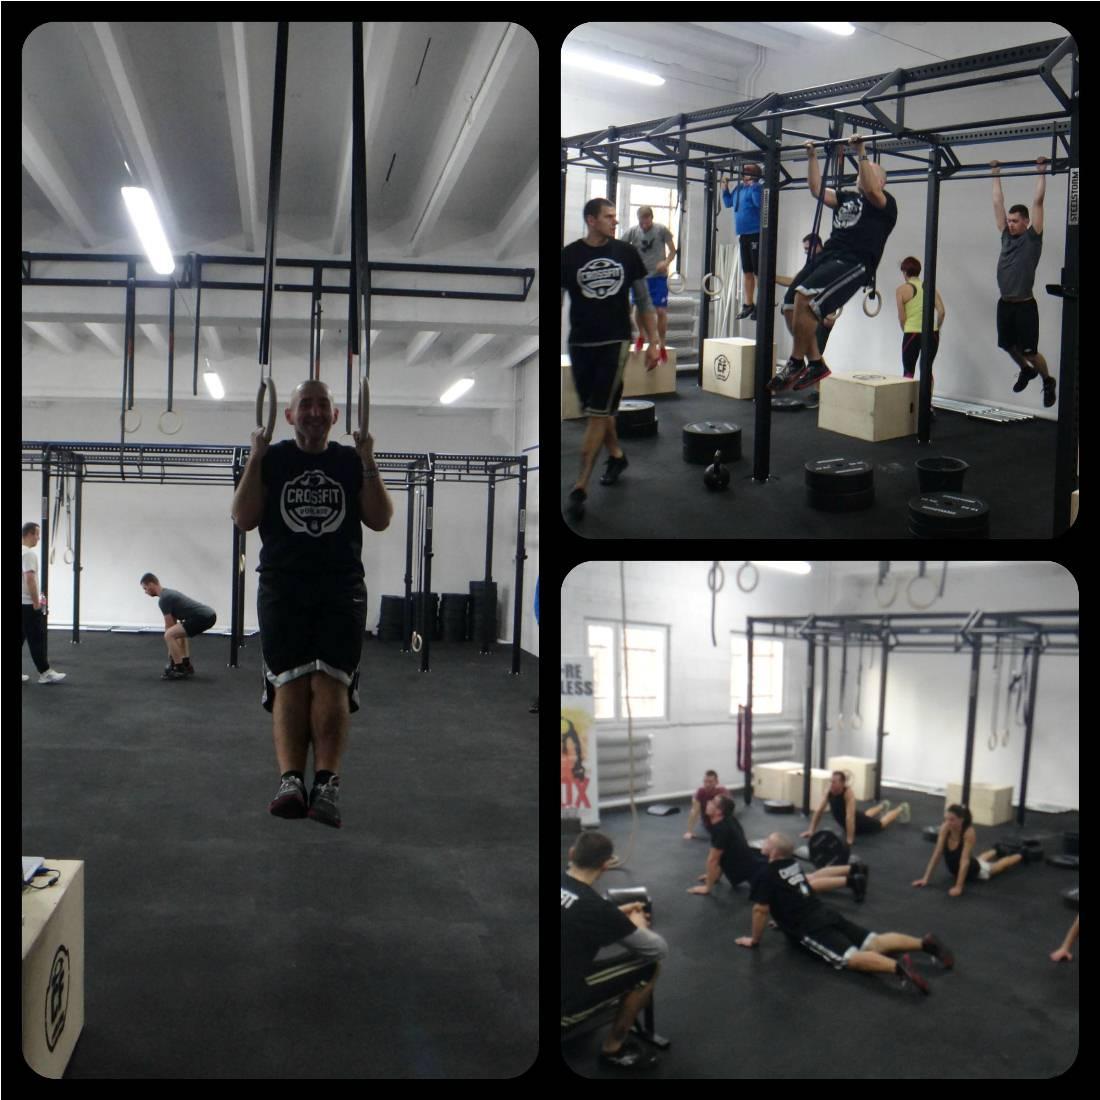 Ja CrossFit 5